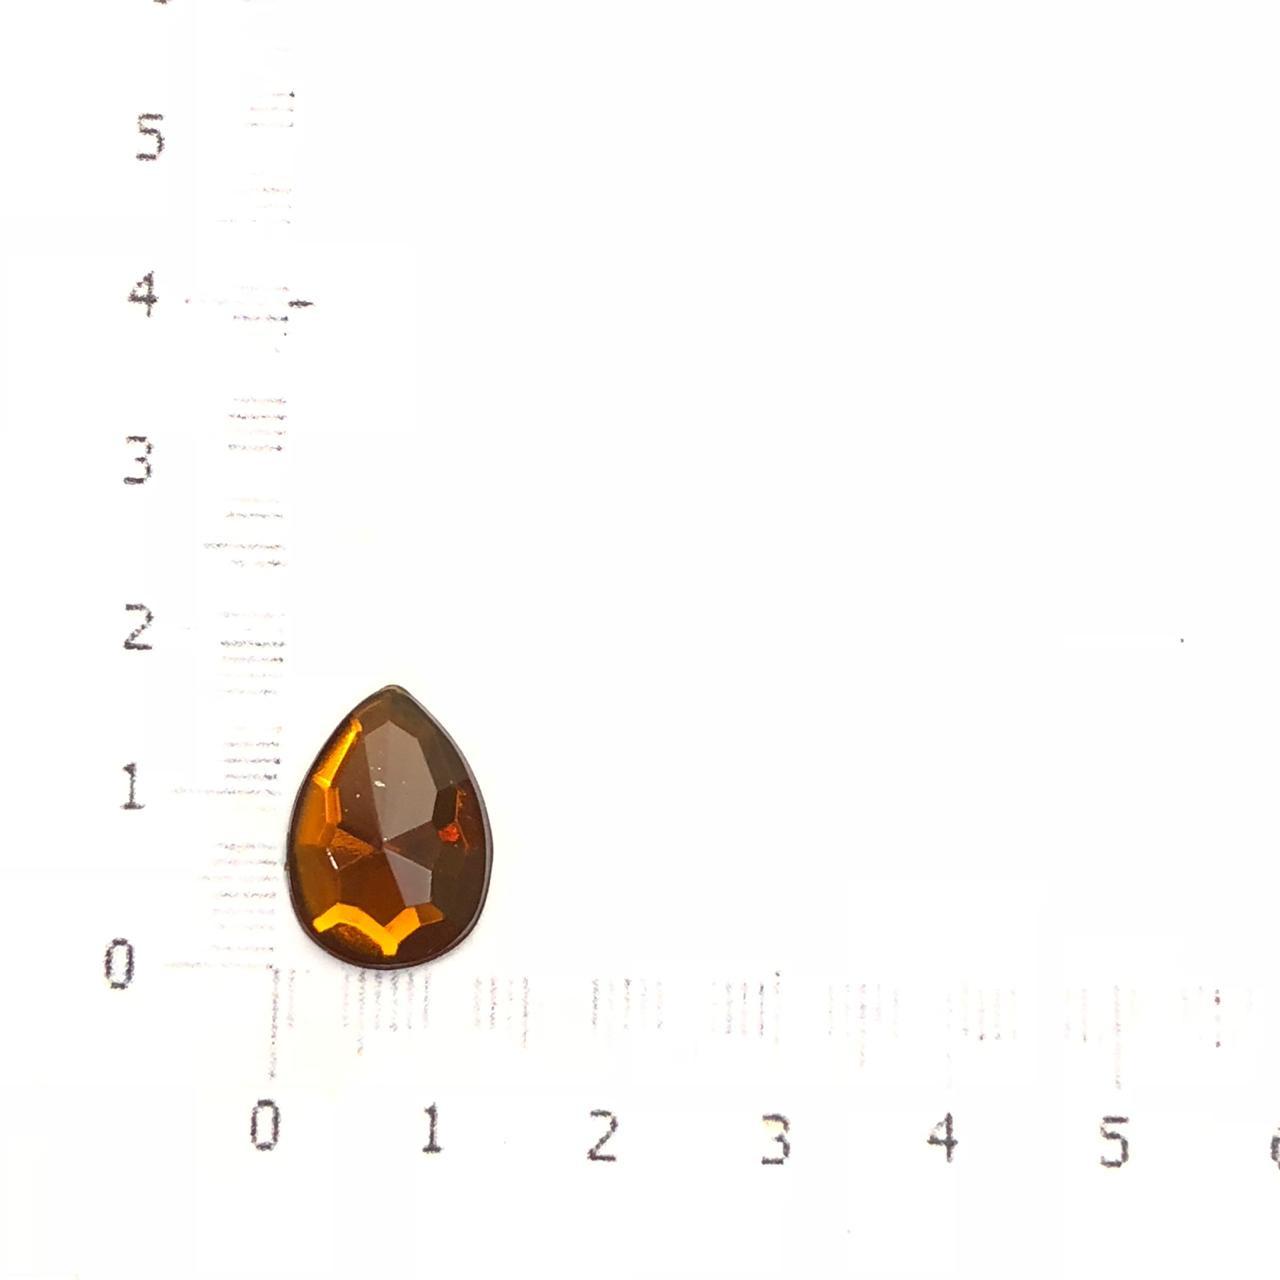 CHT812 - Chaton Gota 10x14 Topaz - 6Unids